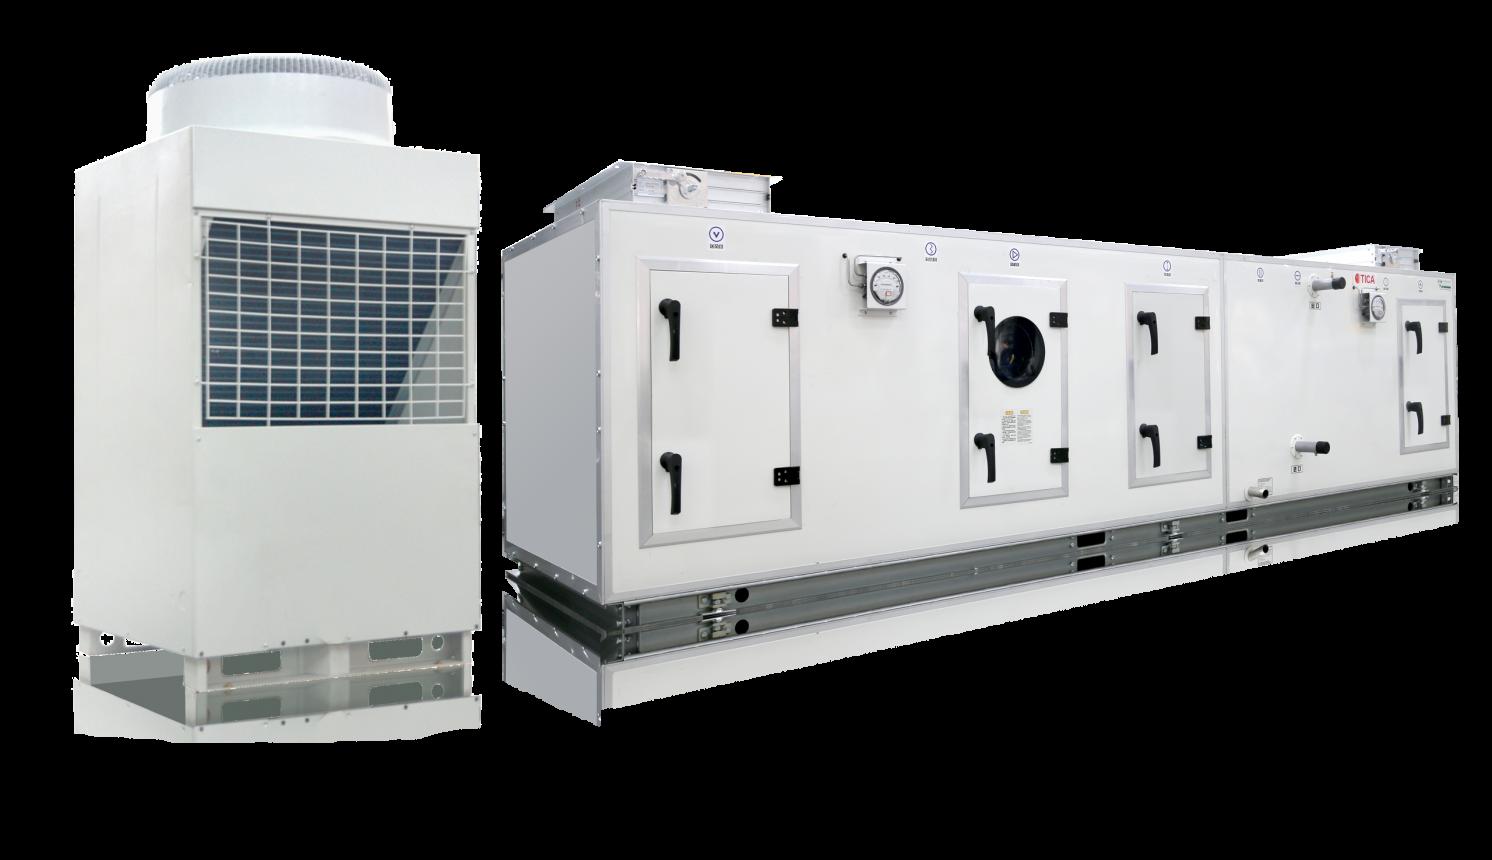 Проектирование систем ВиК, предназначенных для инфекционных больниц в условиях эпидемии COVID-19. 4/2020. Фото 1